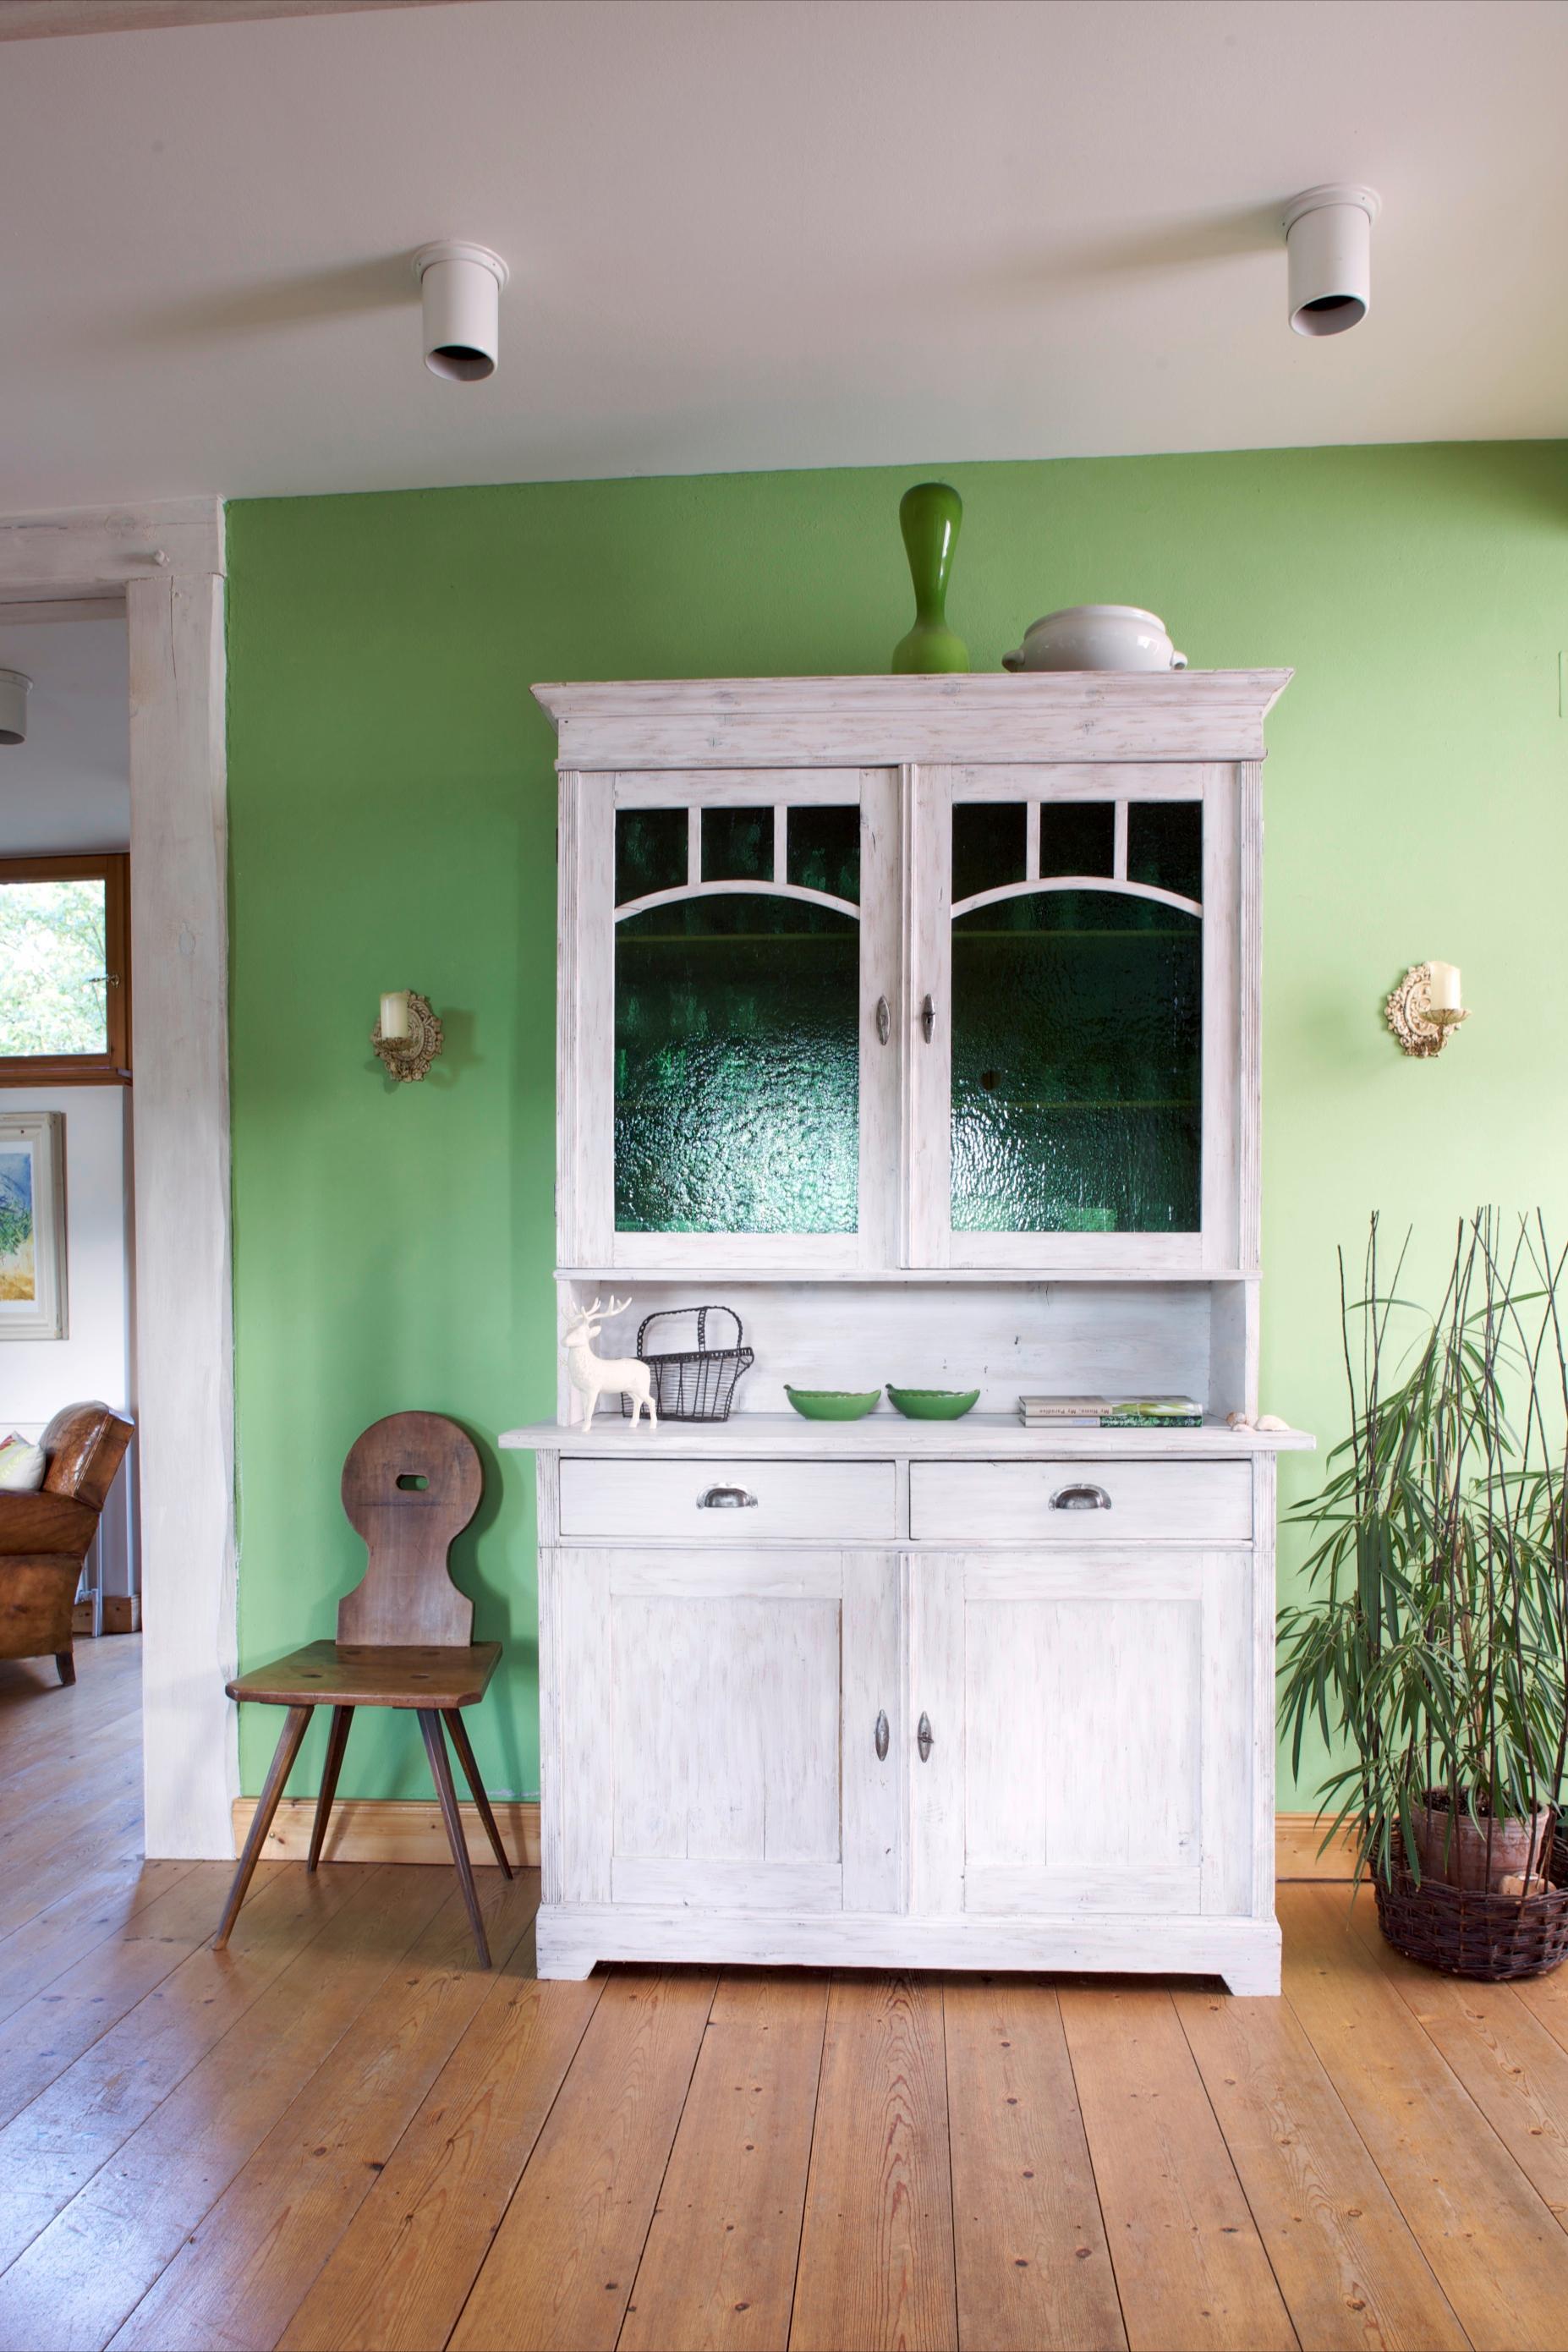 Möbel im Landhausstil • Bilder & Ideen • COUCHstyle